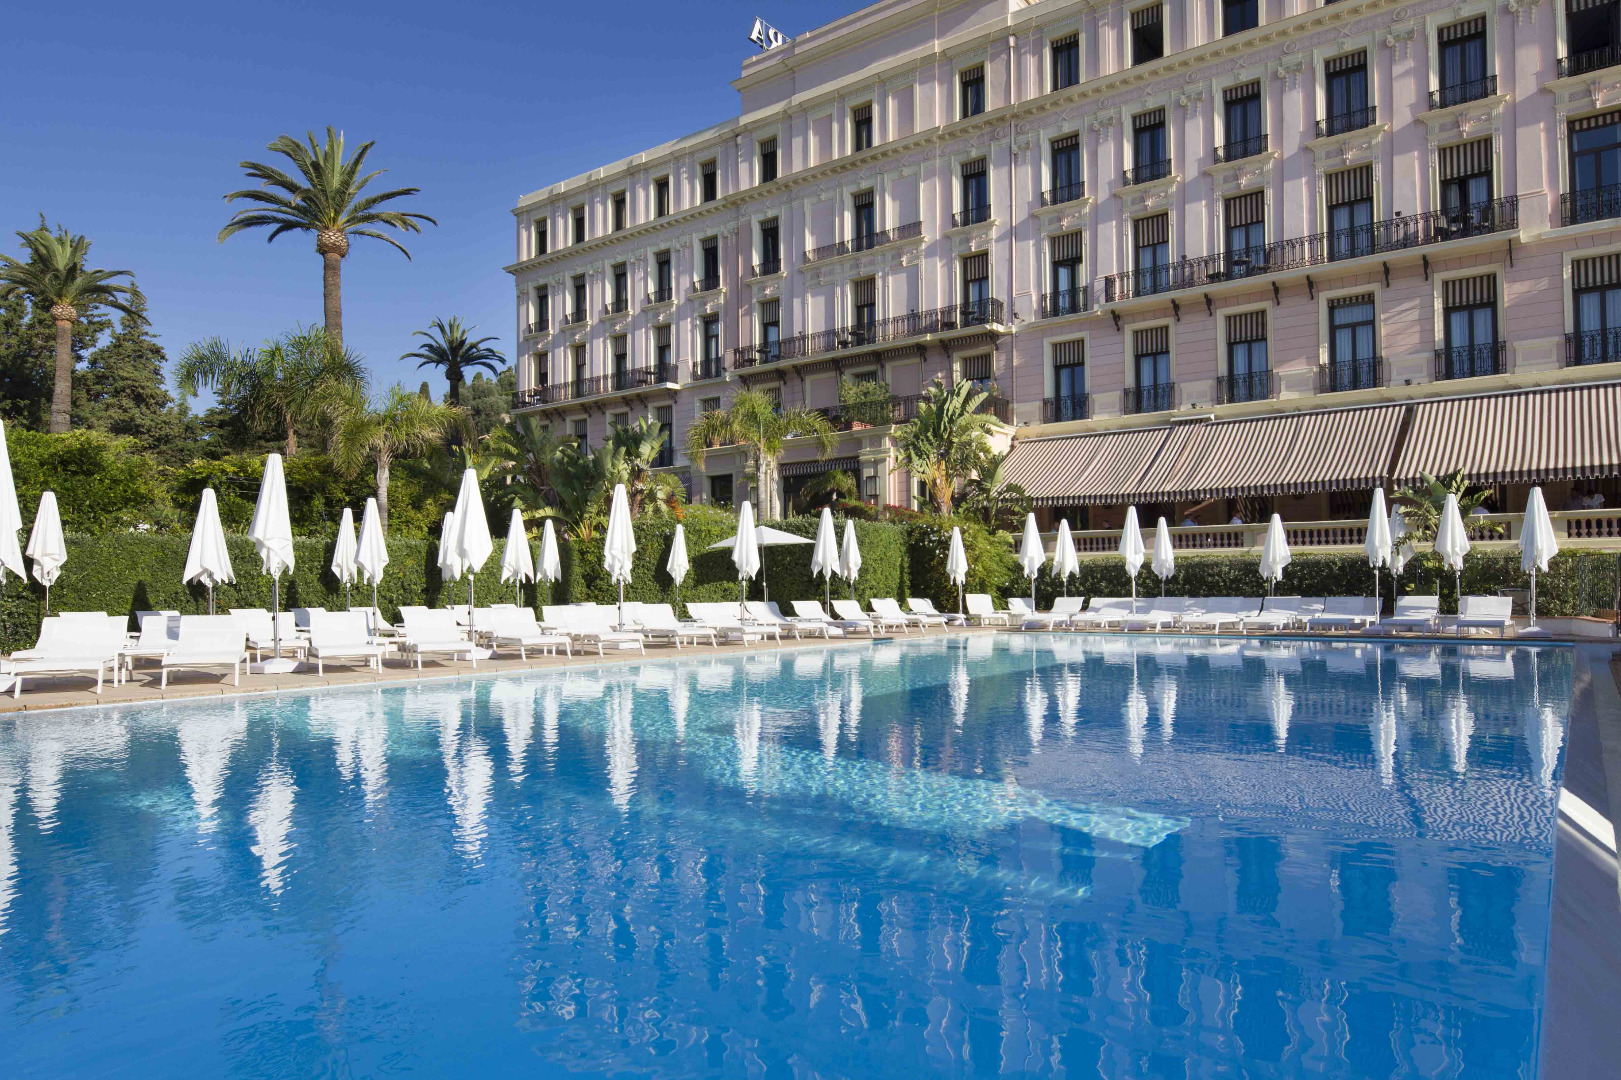 Hotel royal-riviera à Villefranche sur mer